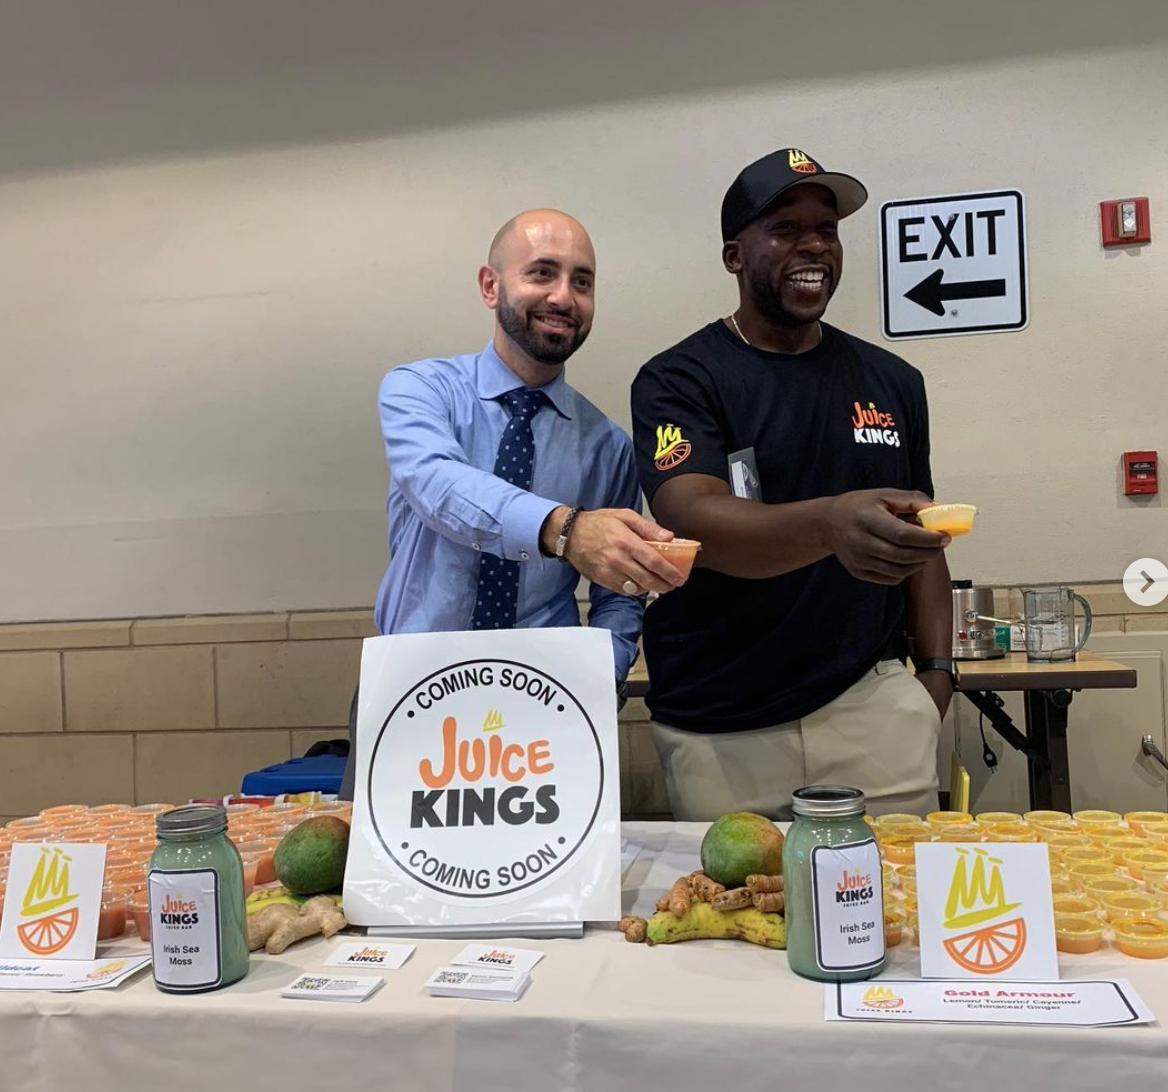 juice kings owners